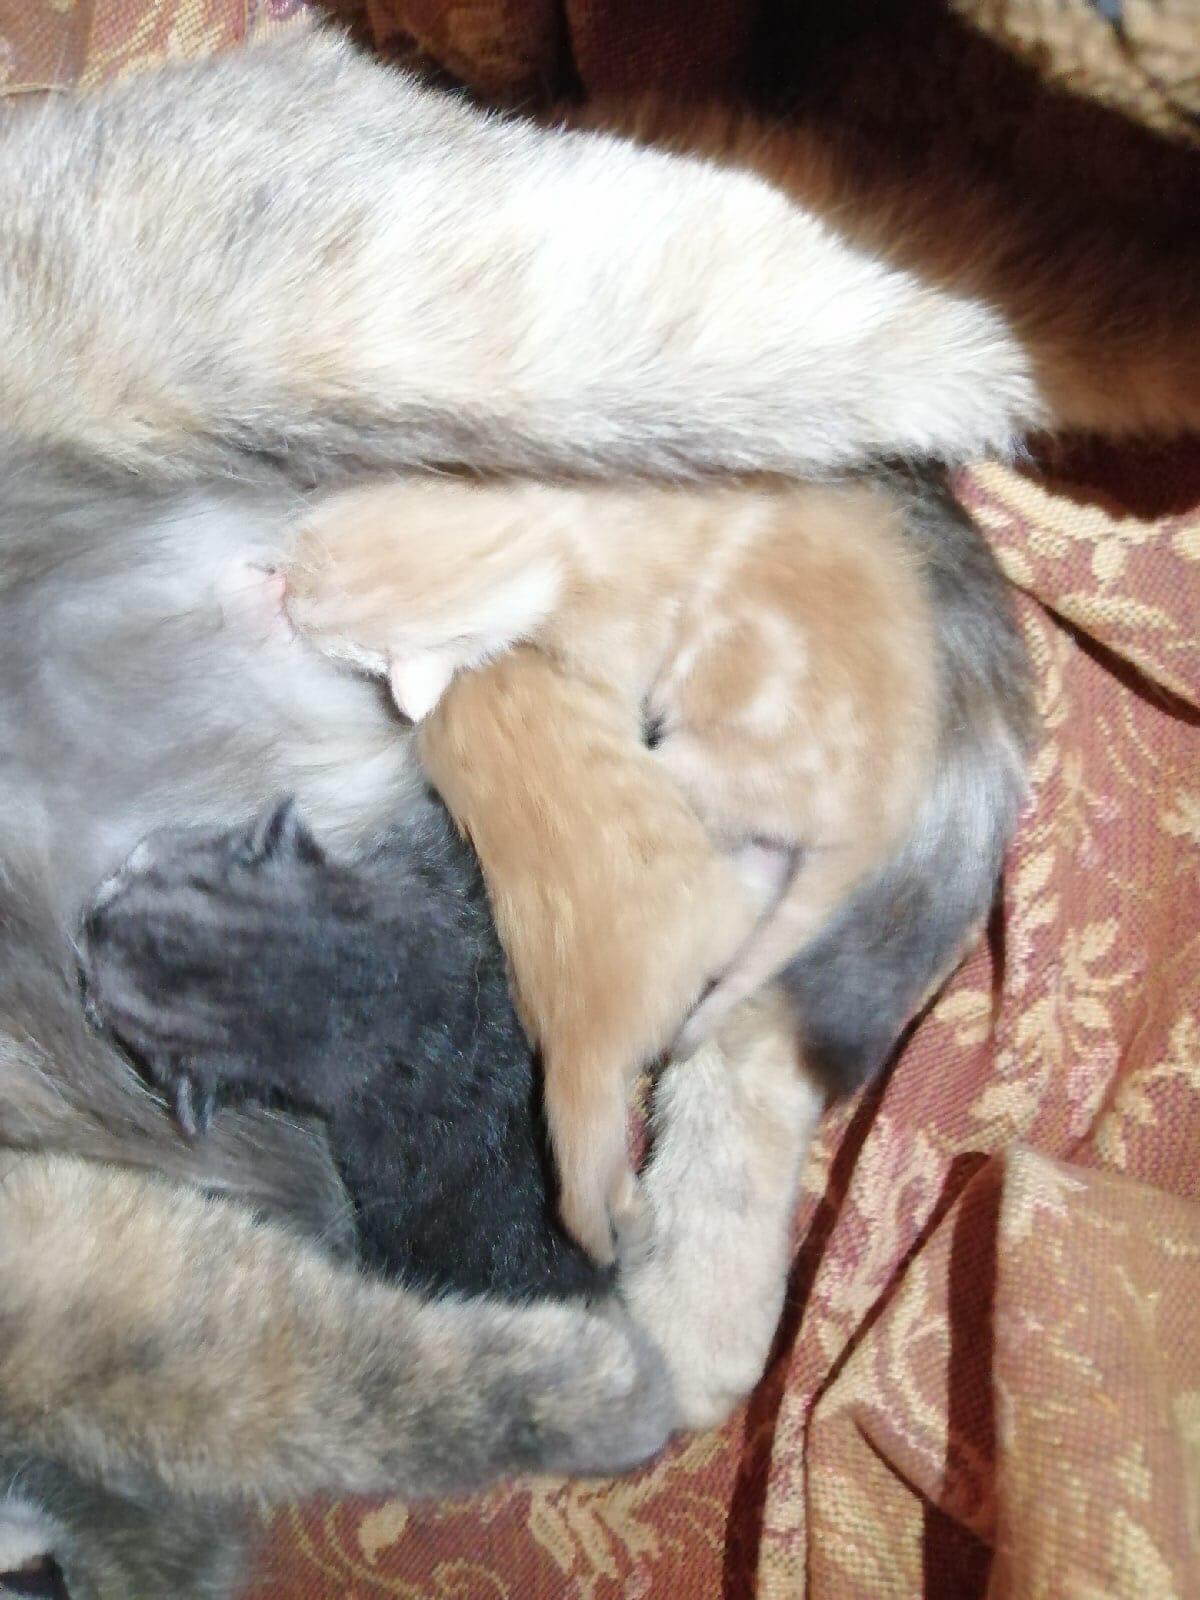 Добрые, милые котята ищут своего хозяина, которого будут греть по холодным вечерам.